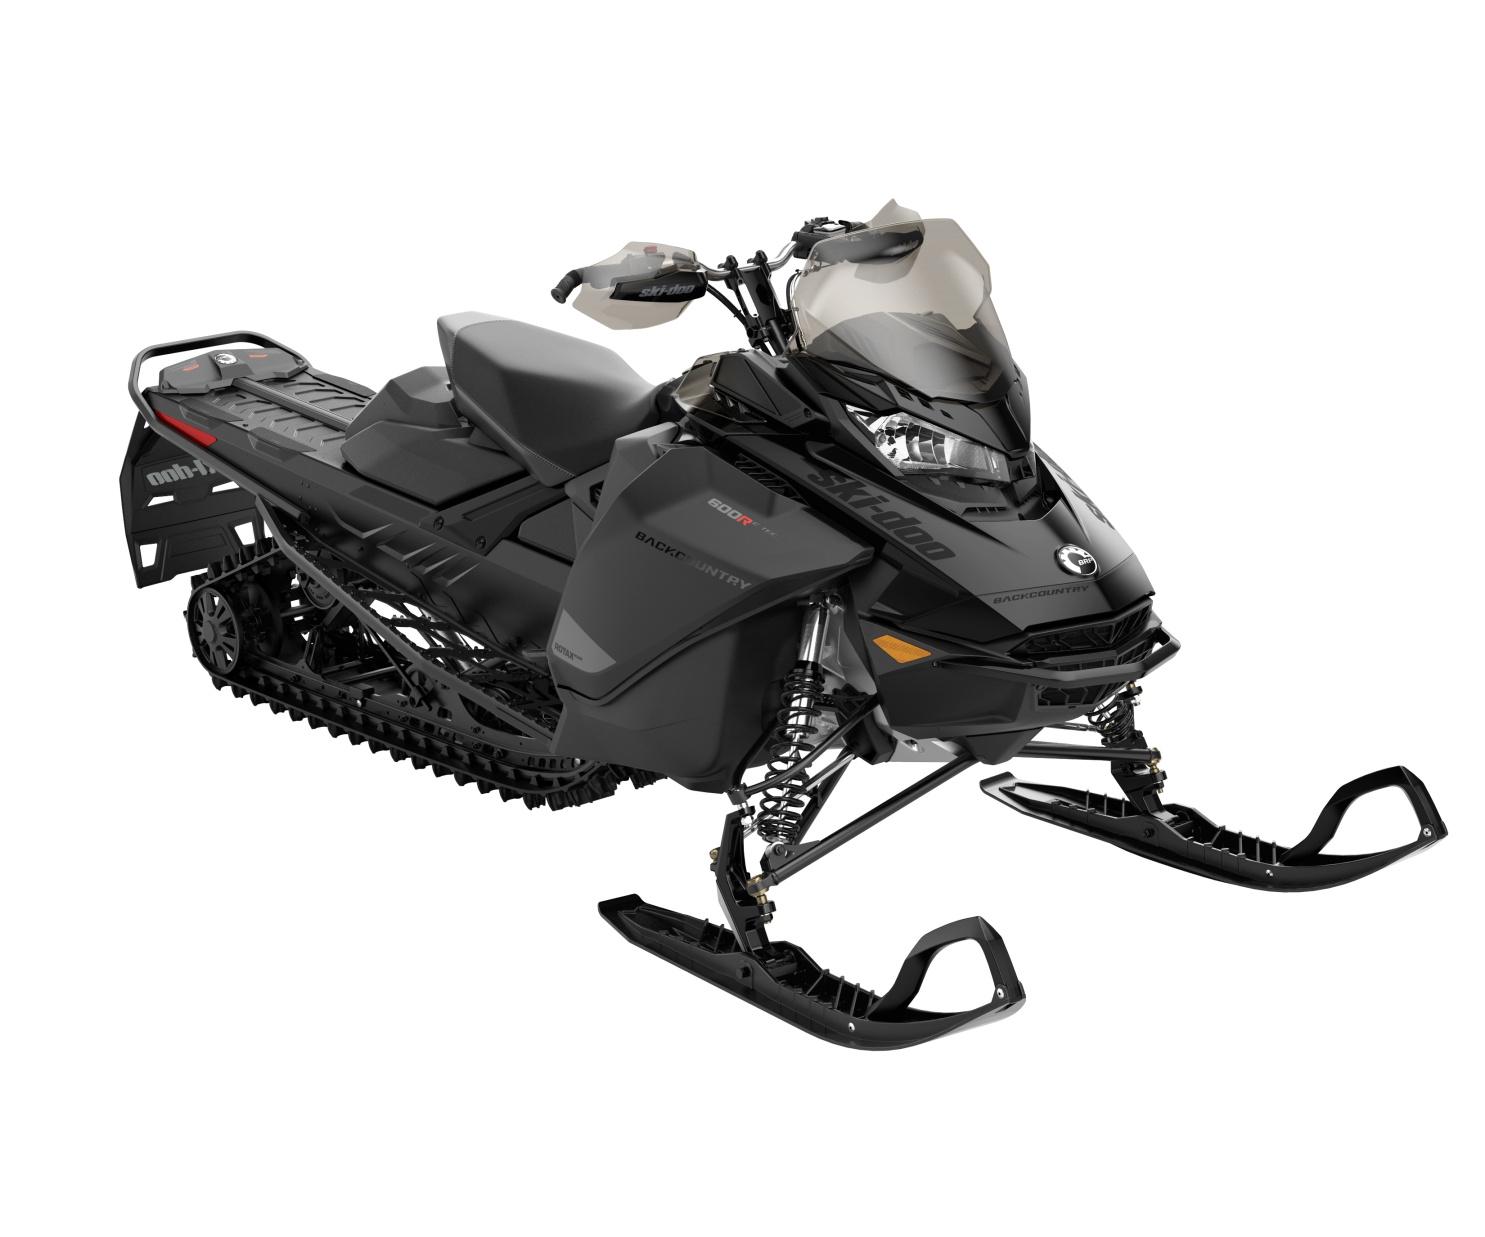 Ski-Doo backcountry 600r e-tec 2022